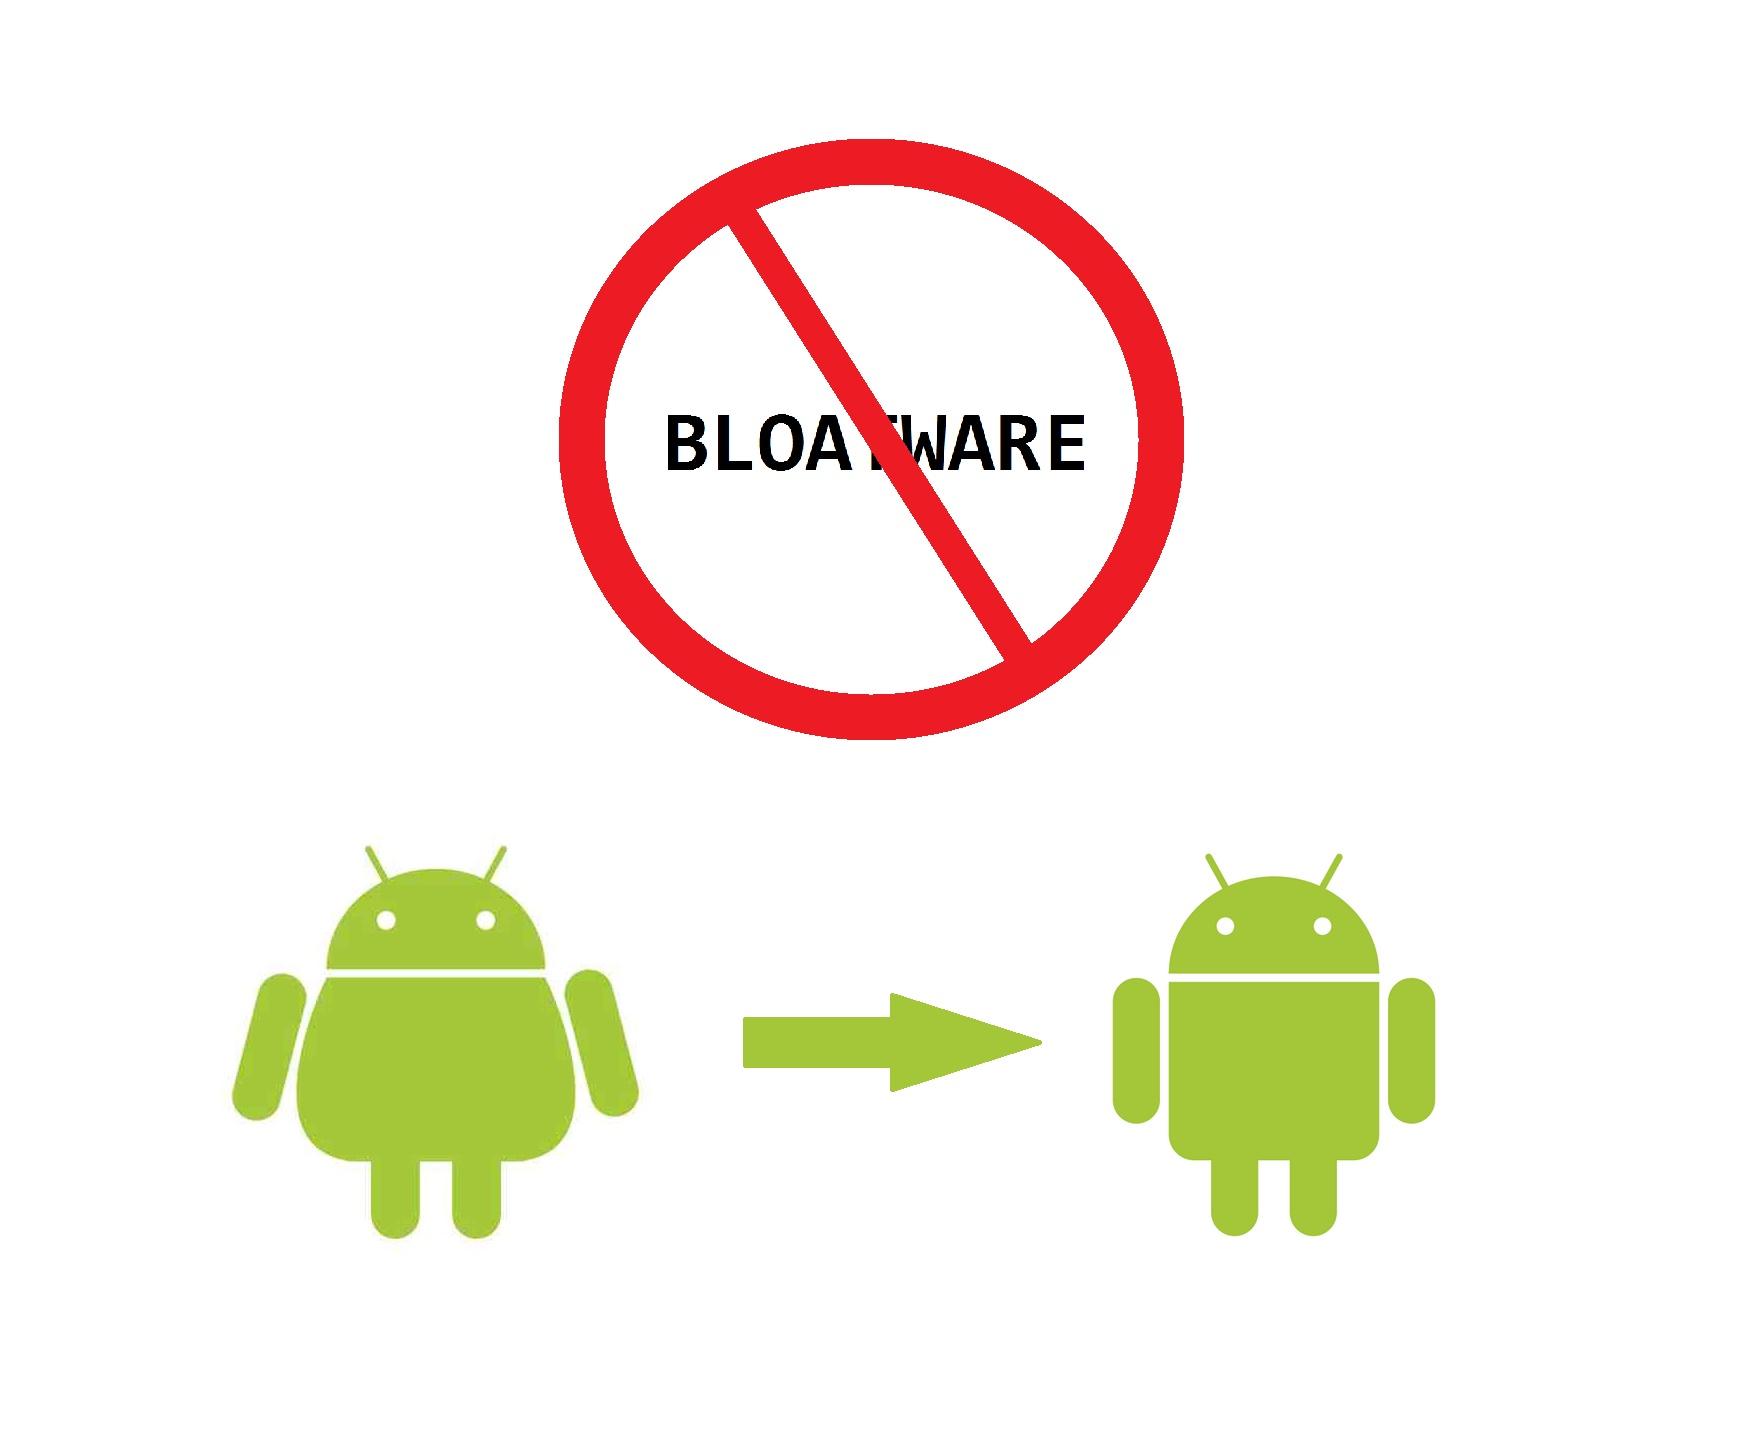 Weniger Bloatware auf Android-Geräten